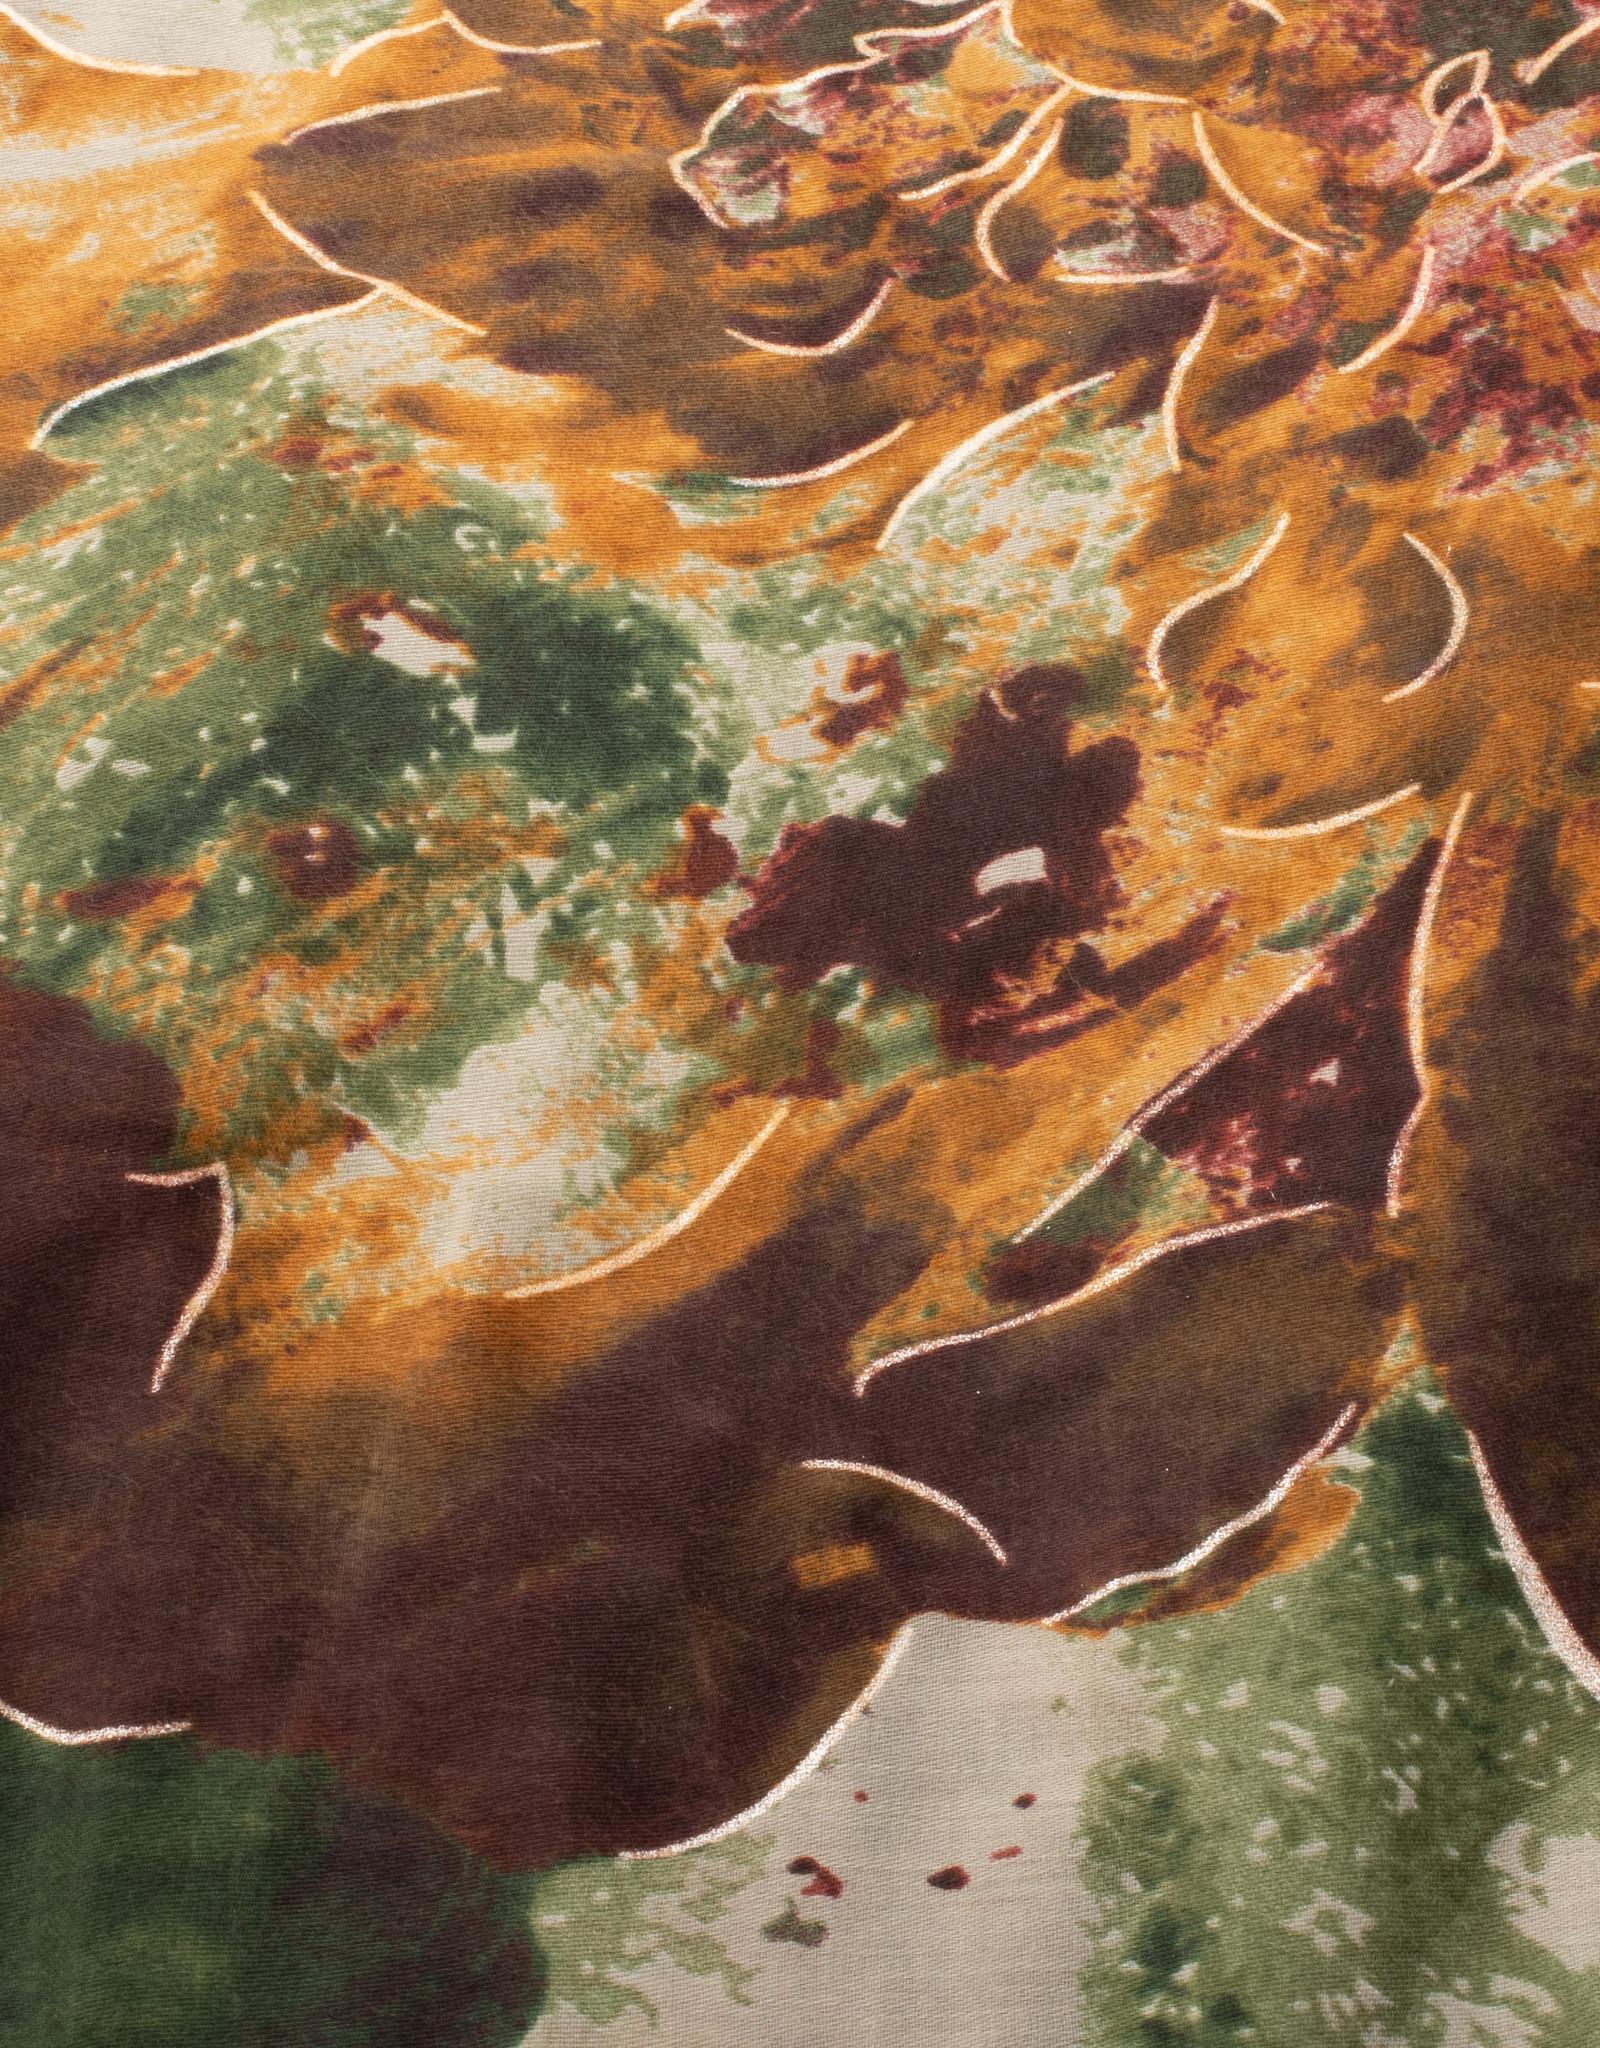 Cherie Cherie Printed Scarf Pretied